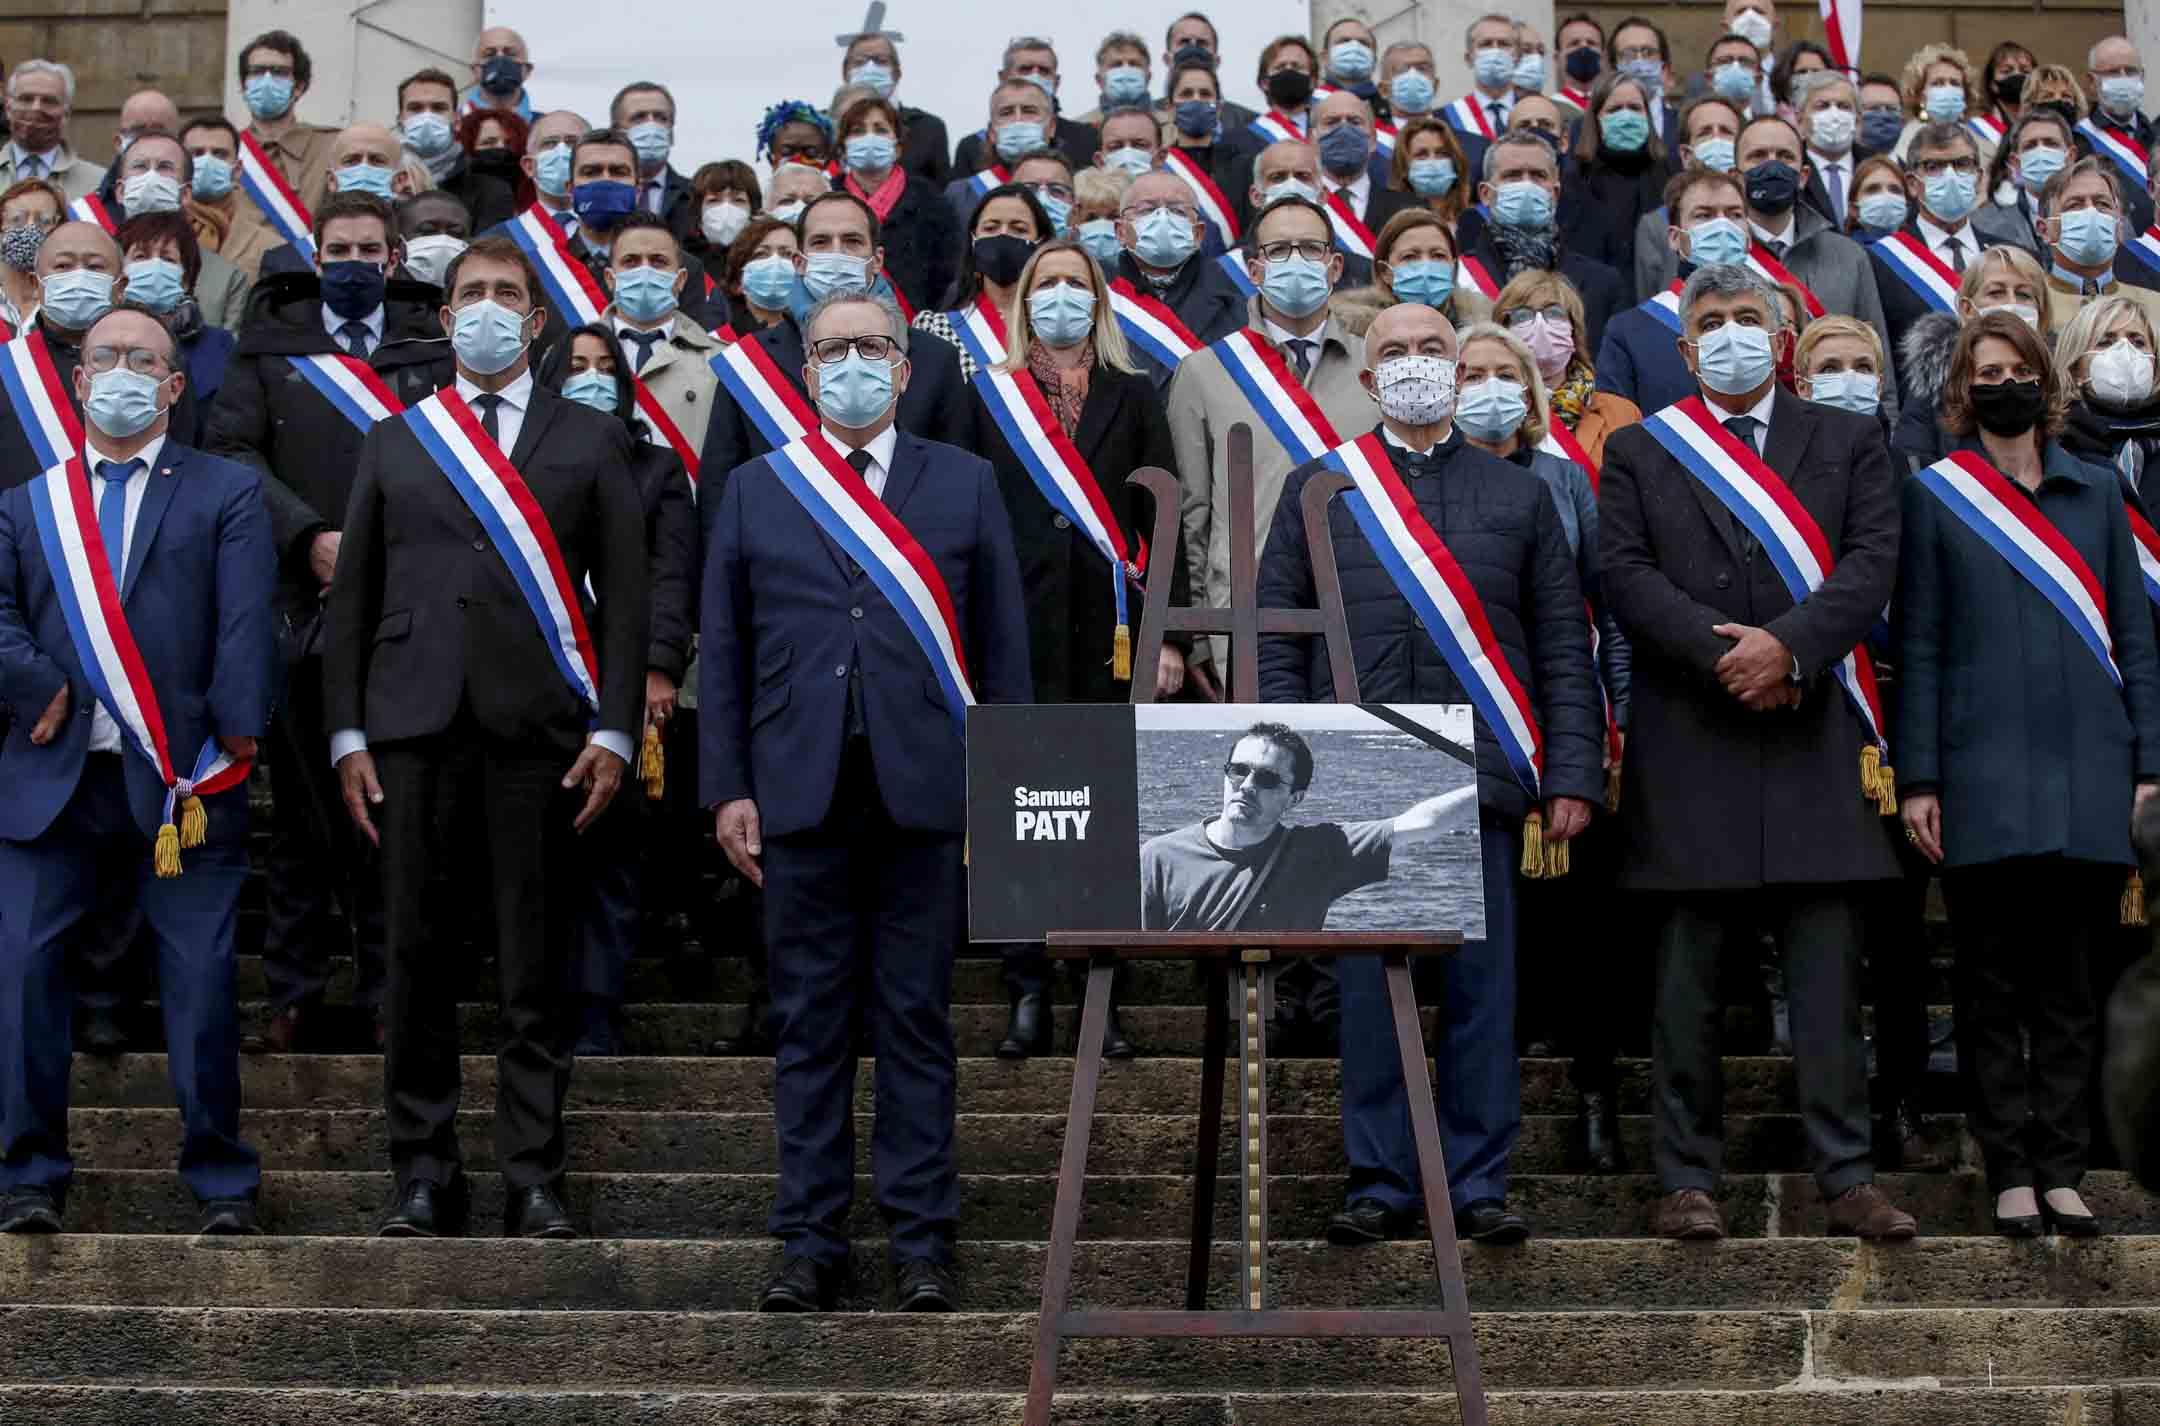 2020年10月20日,法國國民議會議長理查德·費蘭德和議員們聚集在議會前向被殺害的Samuel Paty致敬。 攝:Gonzalo Fuentes/Reuters/達志影像